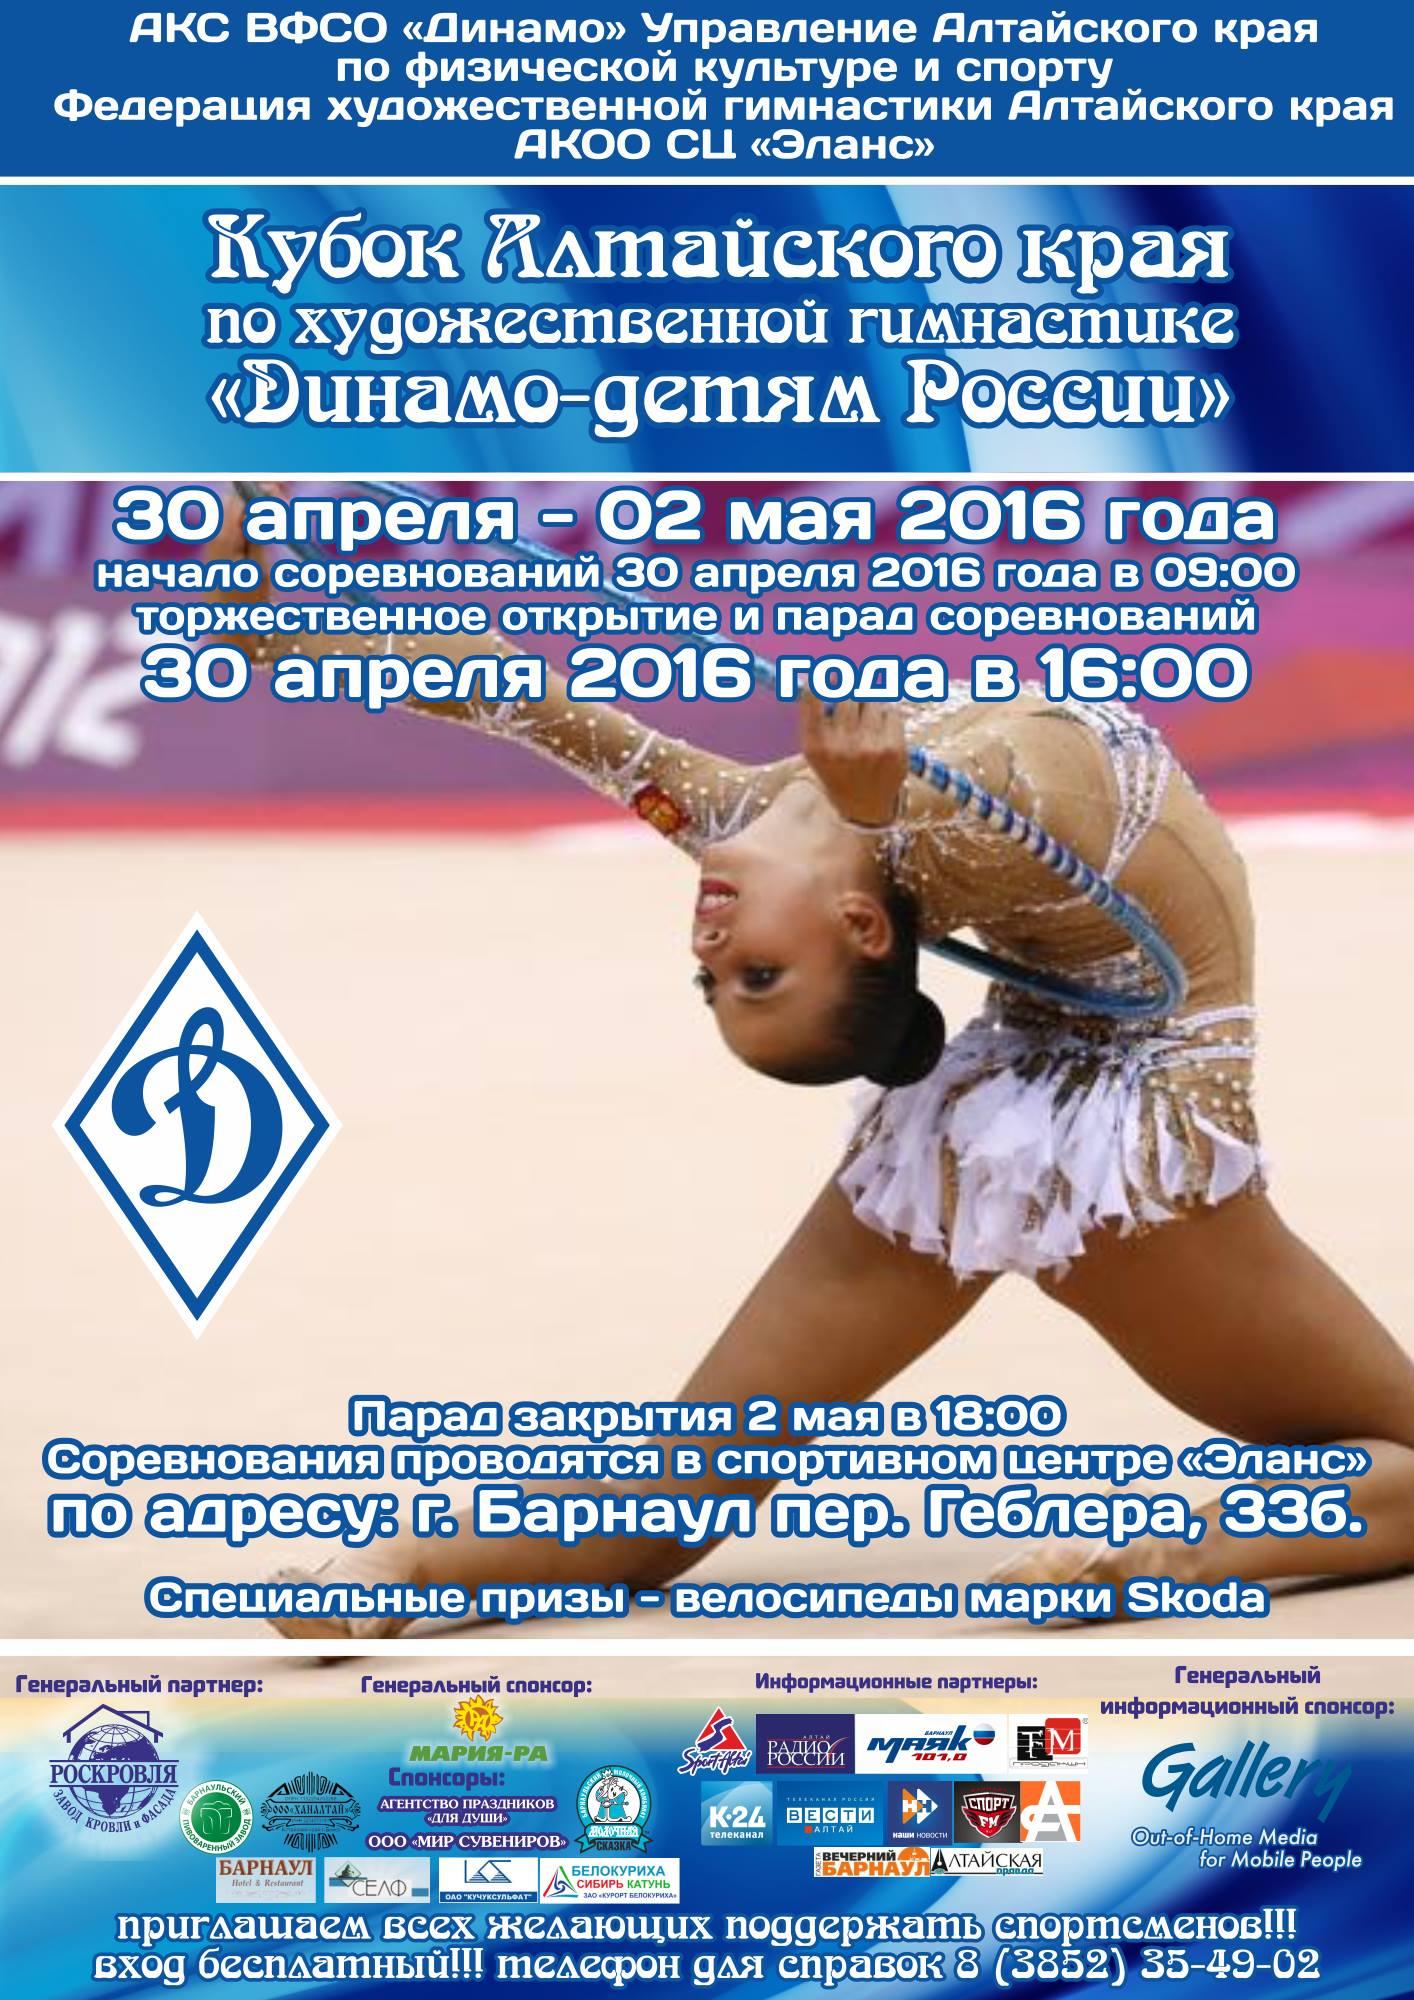 «Динамо»-детям России», 29.04-02.05.2016, Барнаул